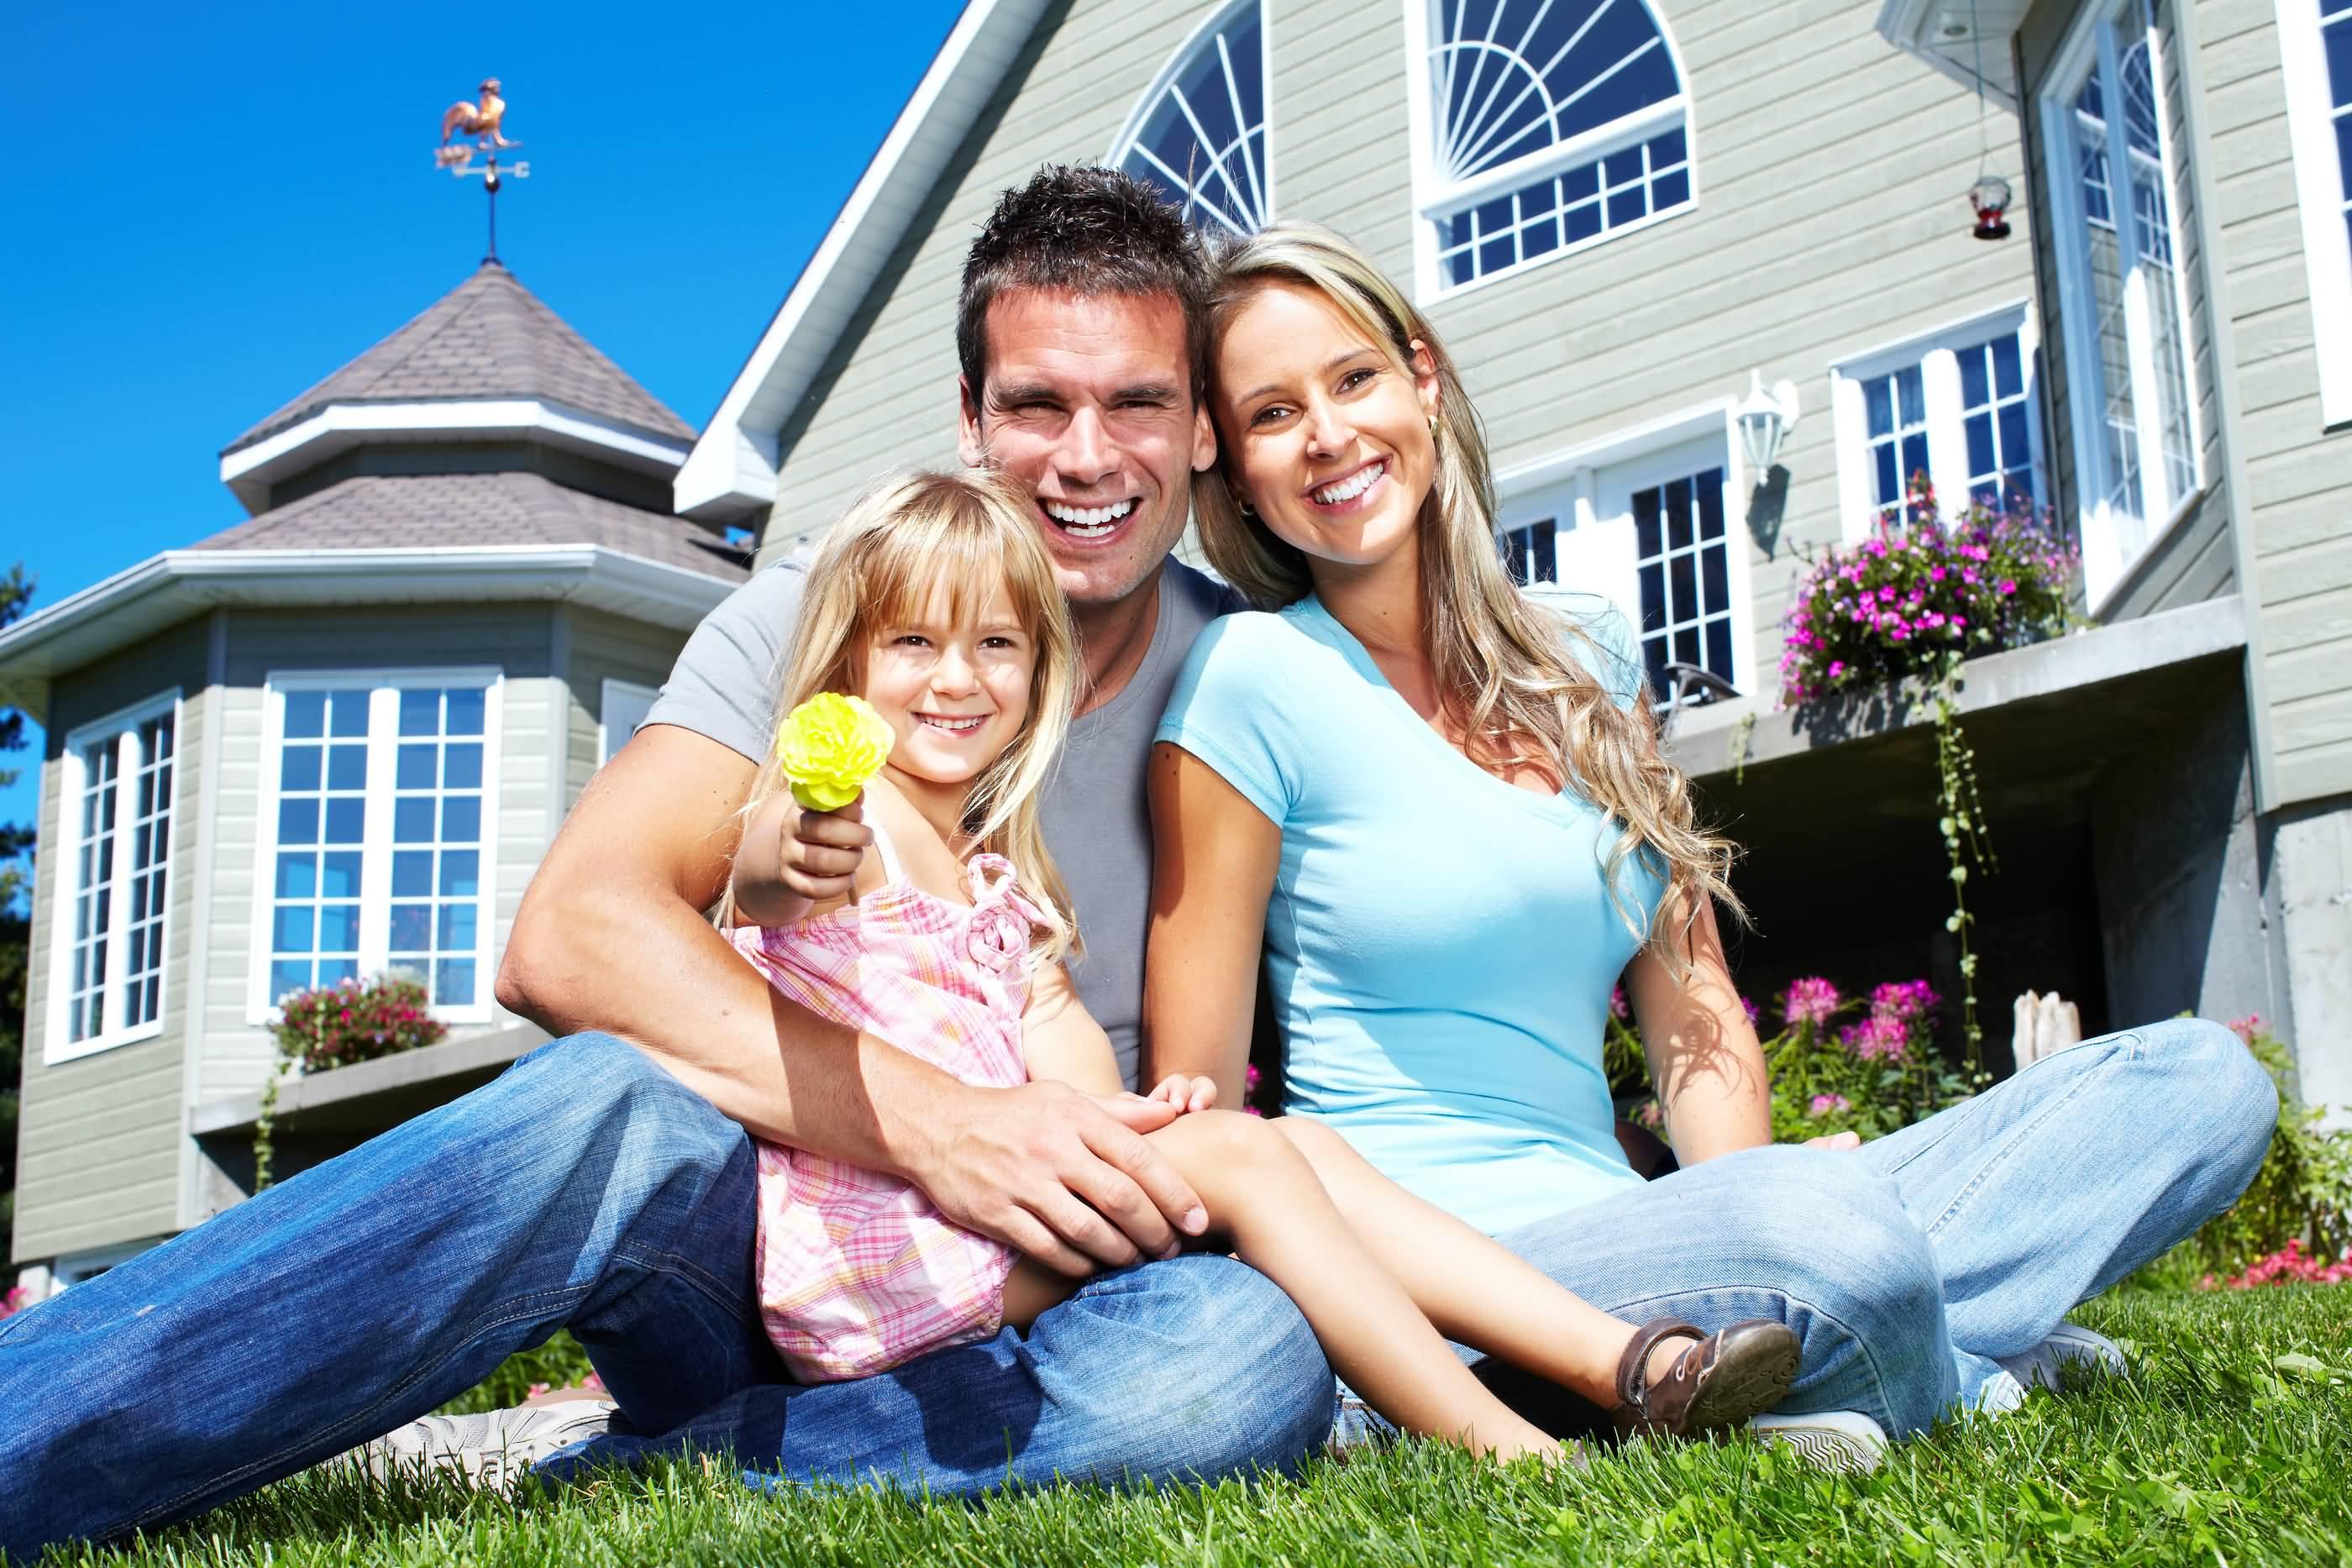 повзрослев, дом счастья фото картинки бизнес